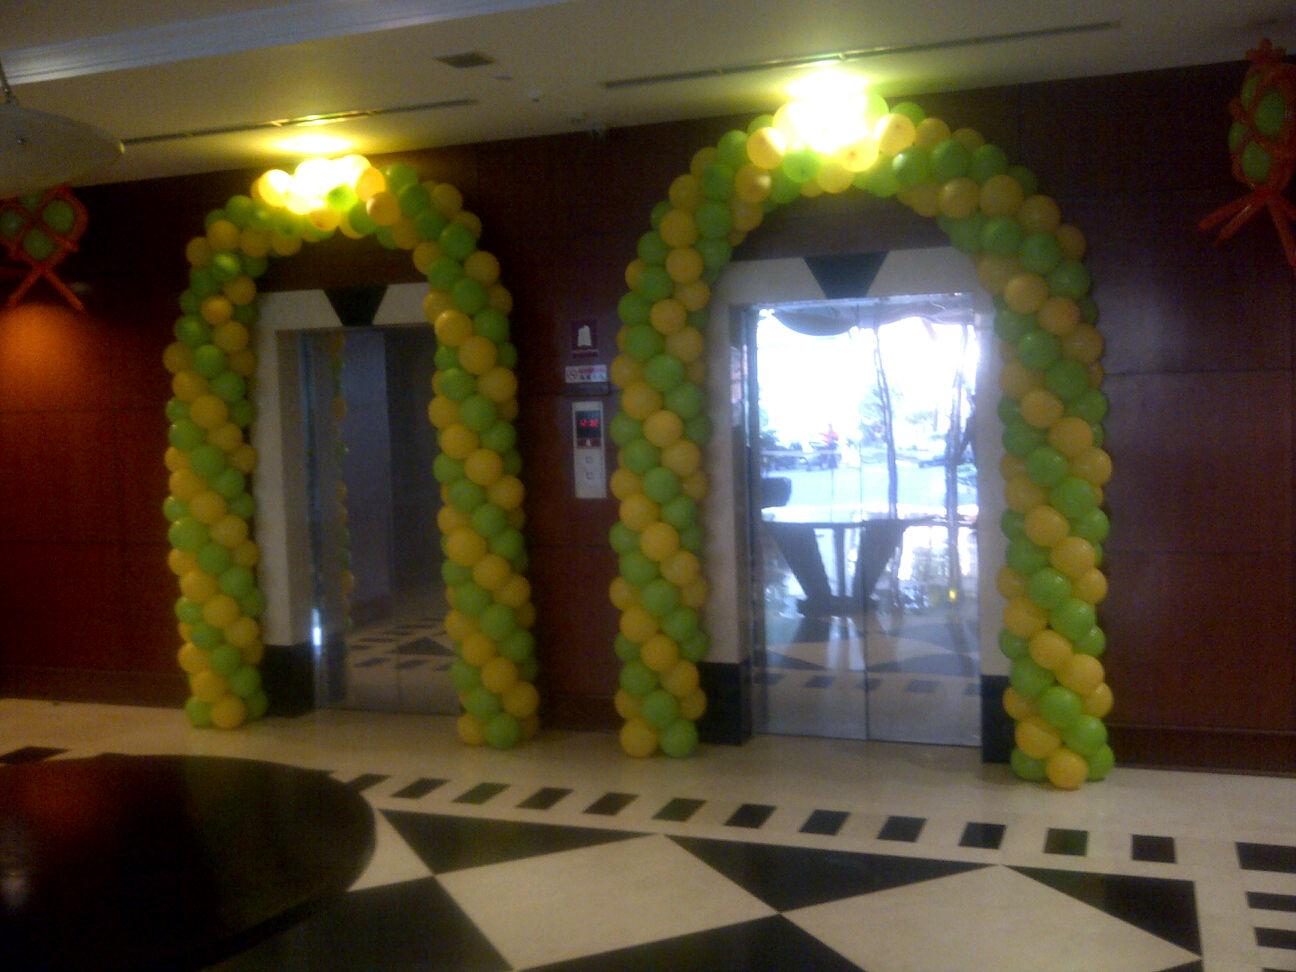 Balon promosi balon dekorasi balon dekorasi lebaran for Dekorasi lebaran hotel